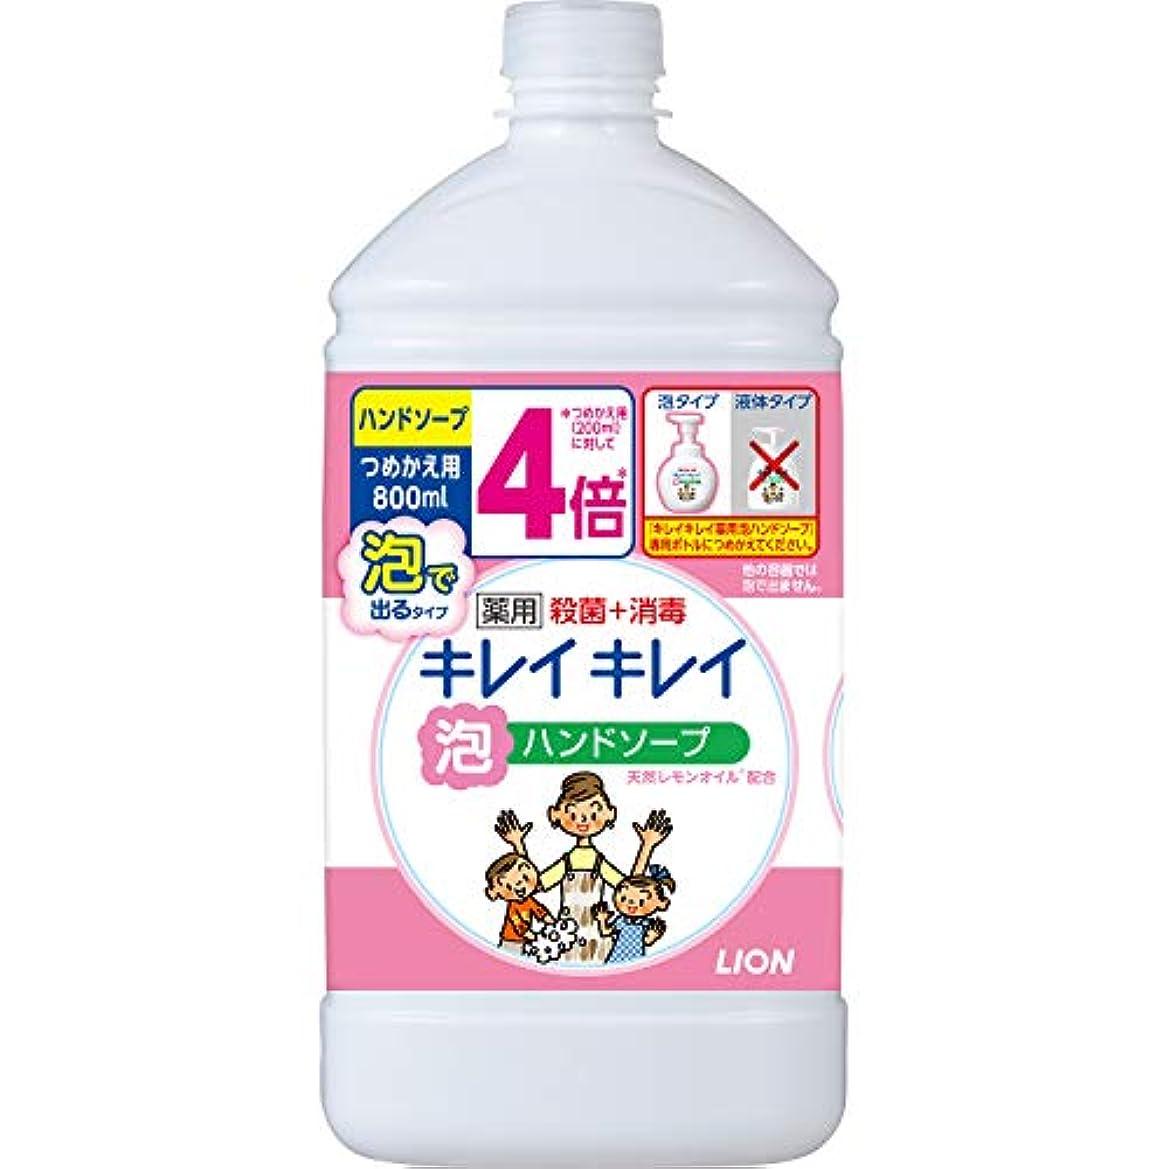 メンテナンスこれらジュニア(医薬部外品)【大容量】キレイキレイ 薬用 泡ハンドソープ シトラスフルーティの香り 詰替特大 800ml